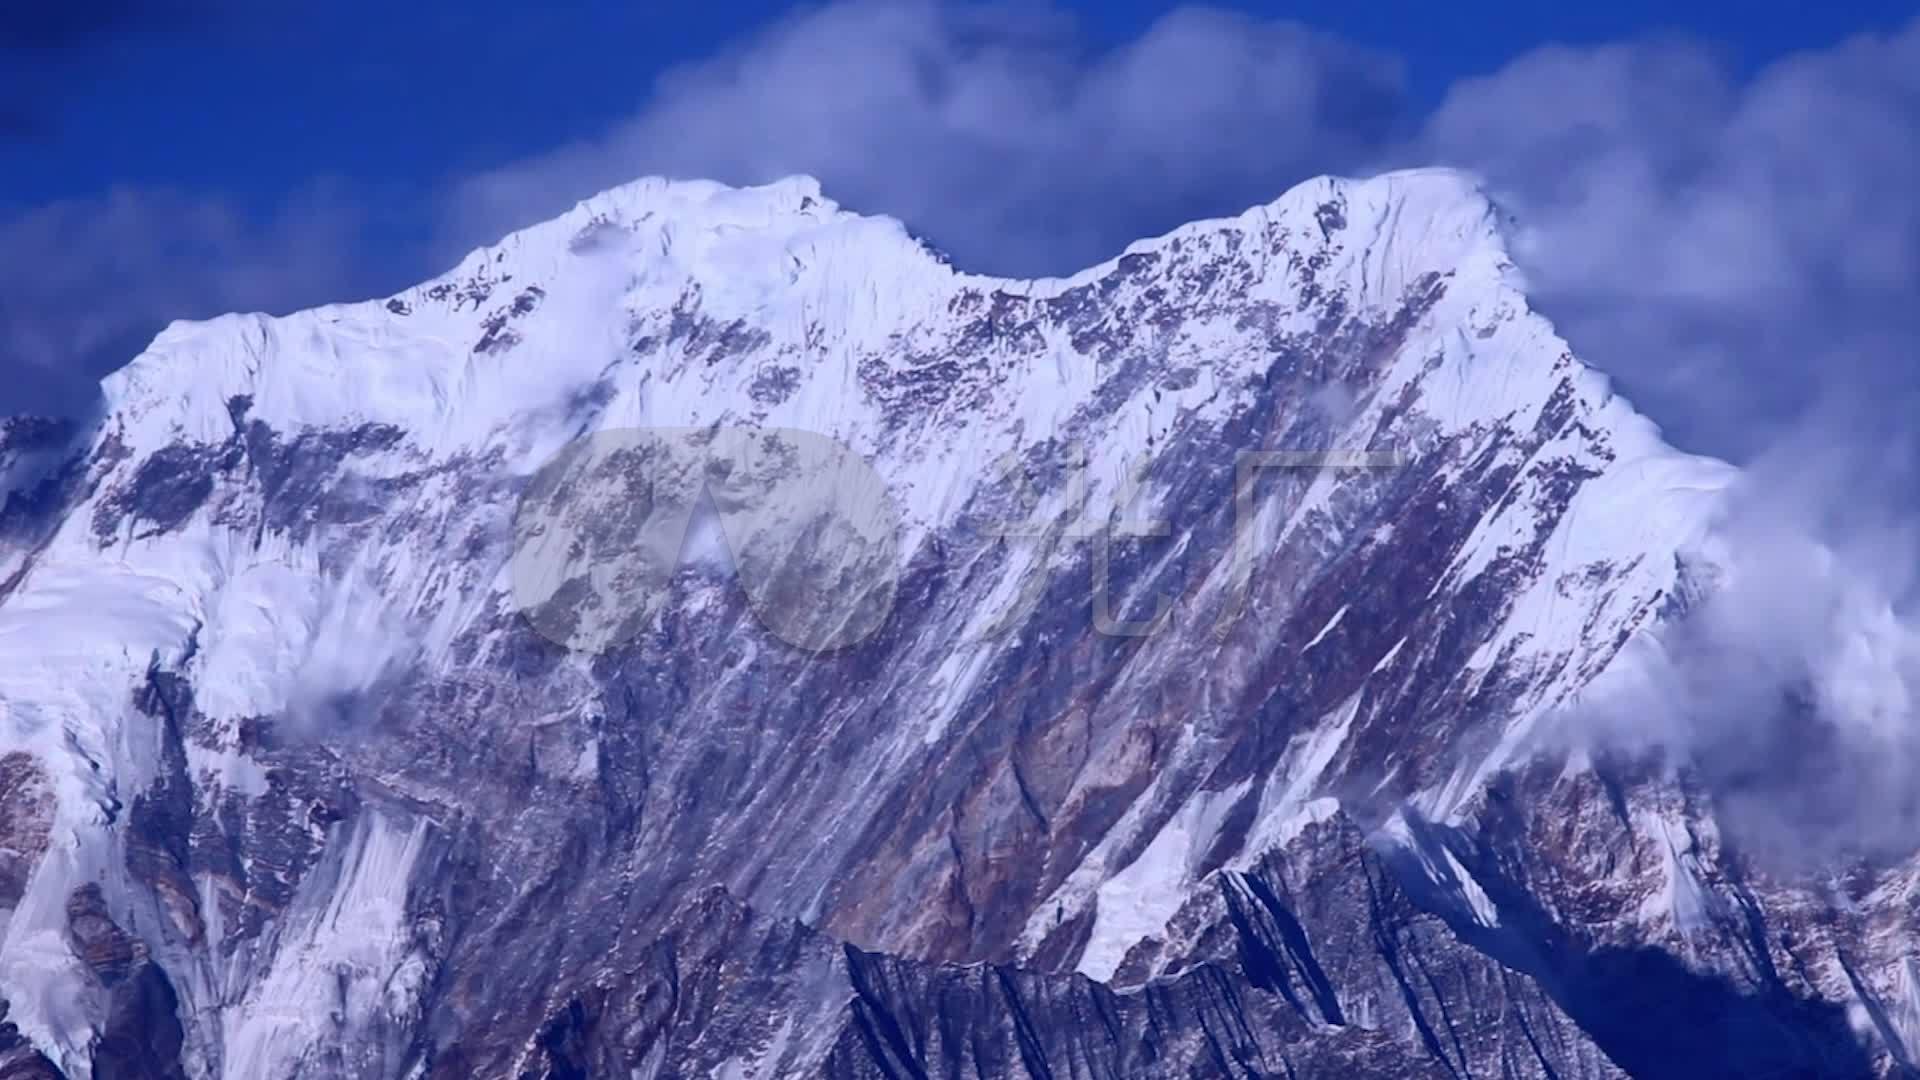 西藏雪山草原v雪山风情视频风光湖泊_1920X1冬捕风景图片